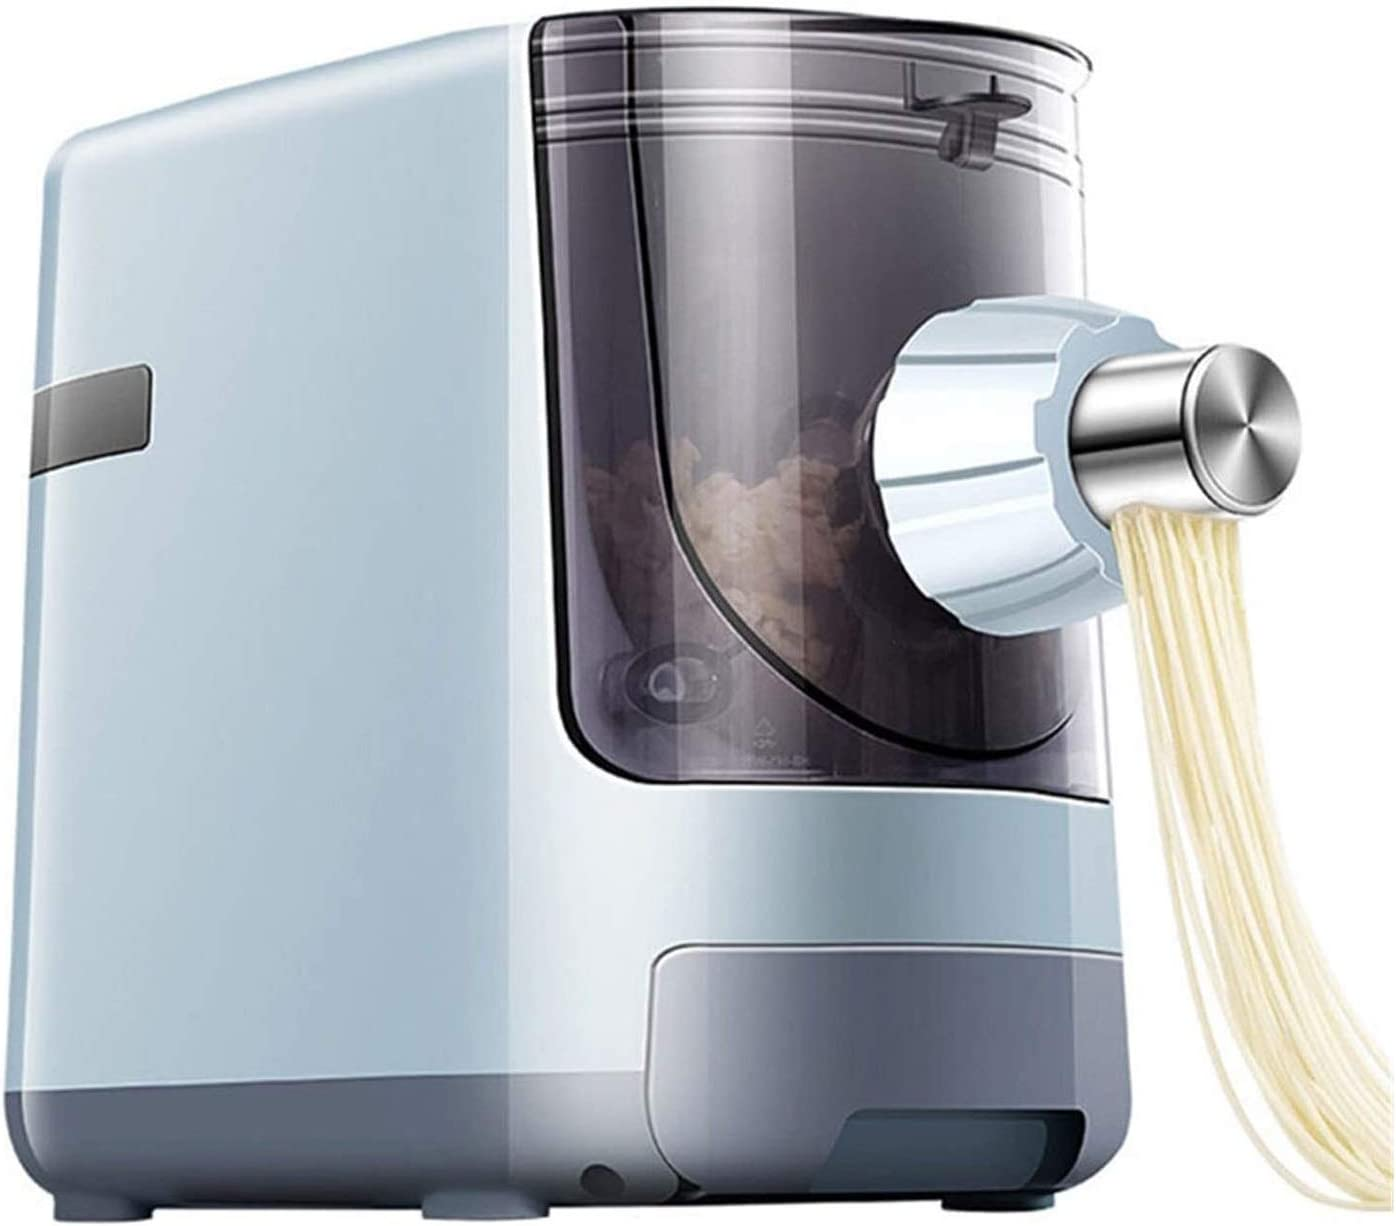 HIZLJJ Automatic Pasta Super-cheap Machine Electric Max 46% OFF Ma Machines